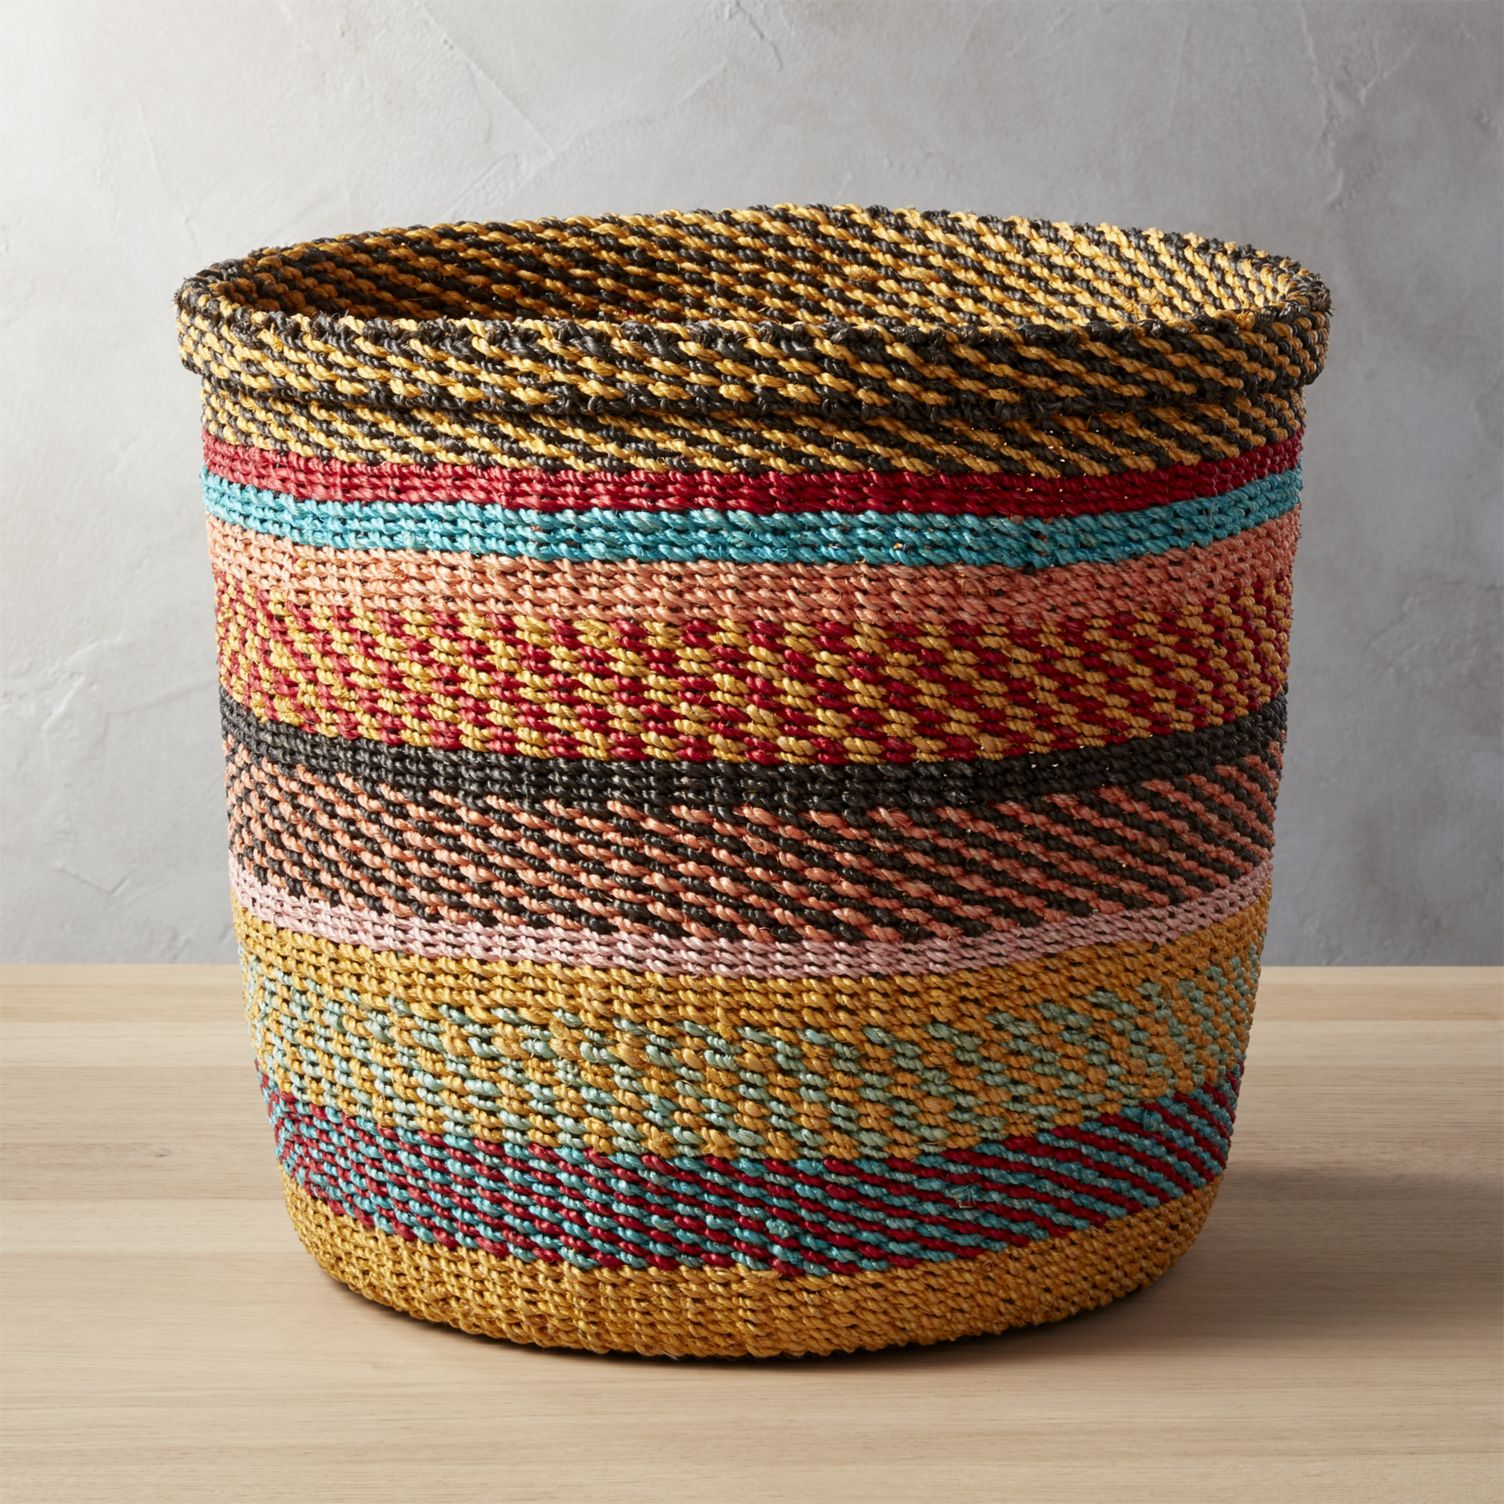 Multi-colored-woven-basket